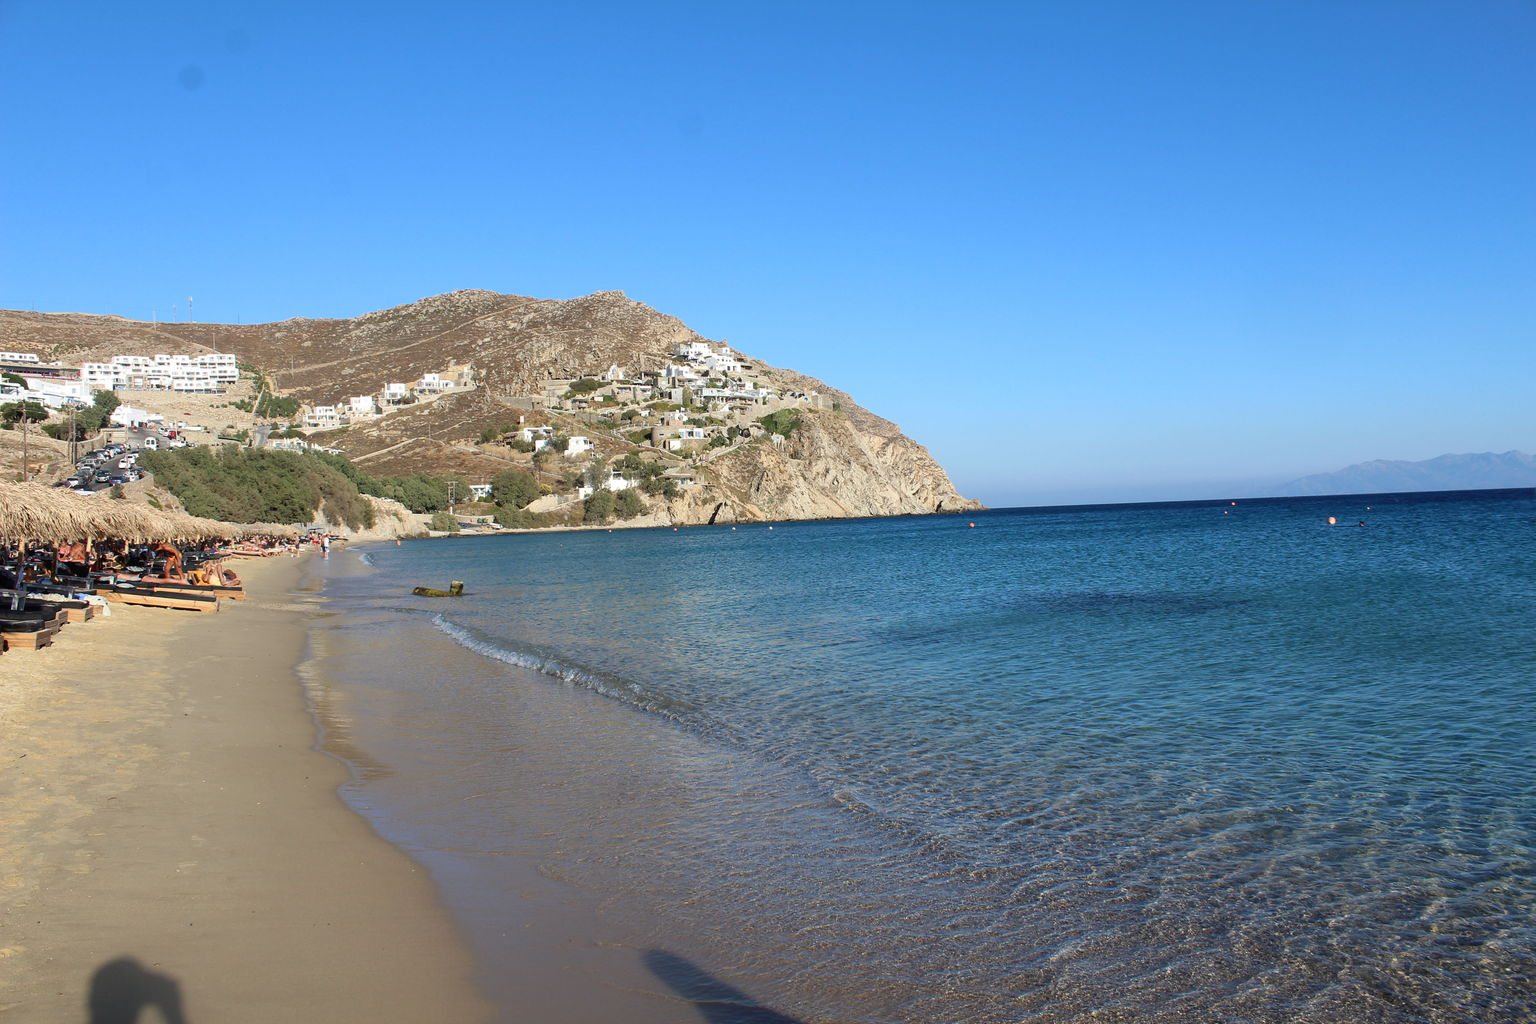 MÁS FOTOS, Recorrido de medio día por la ciudad e isla de Mykonos